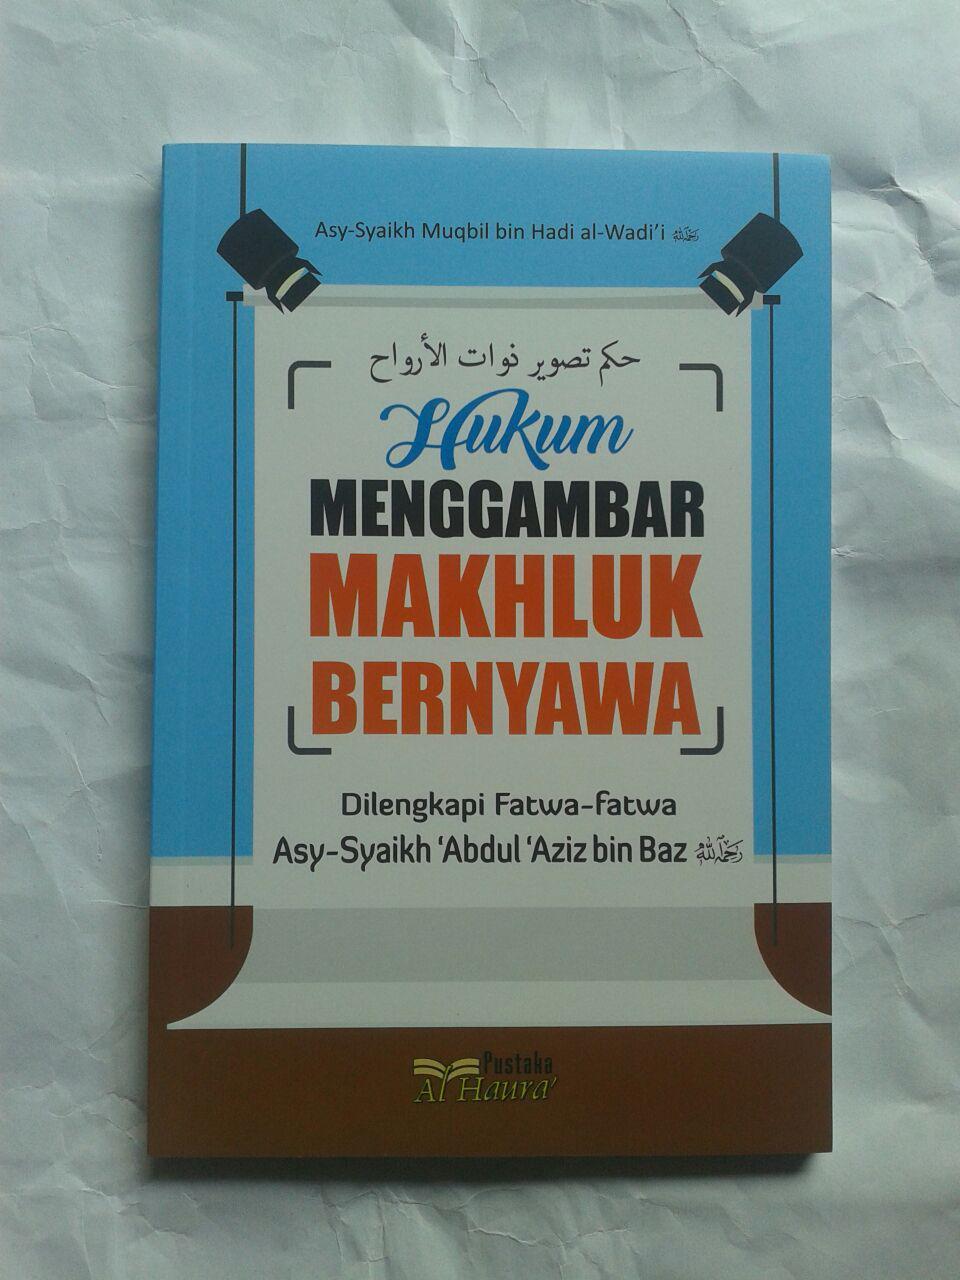 Buku Hukum Menggambar Makhluk Bernyawa 22,000 15% 18,700 cover 2